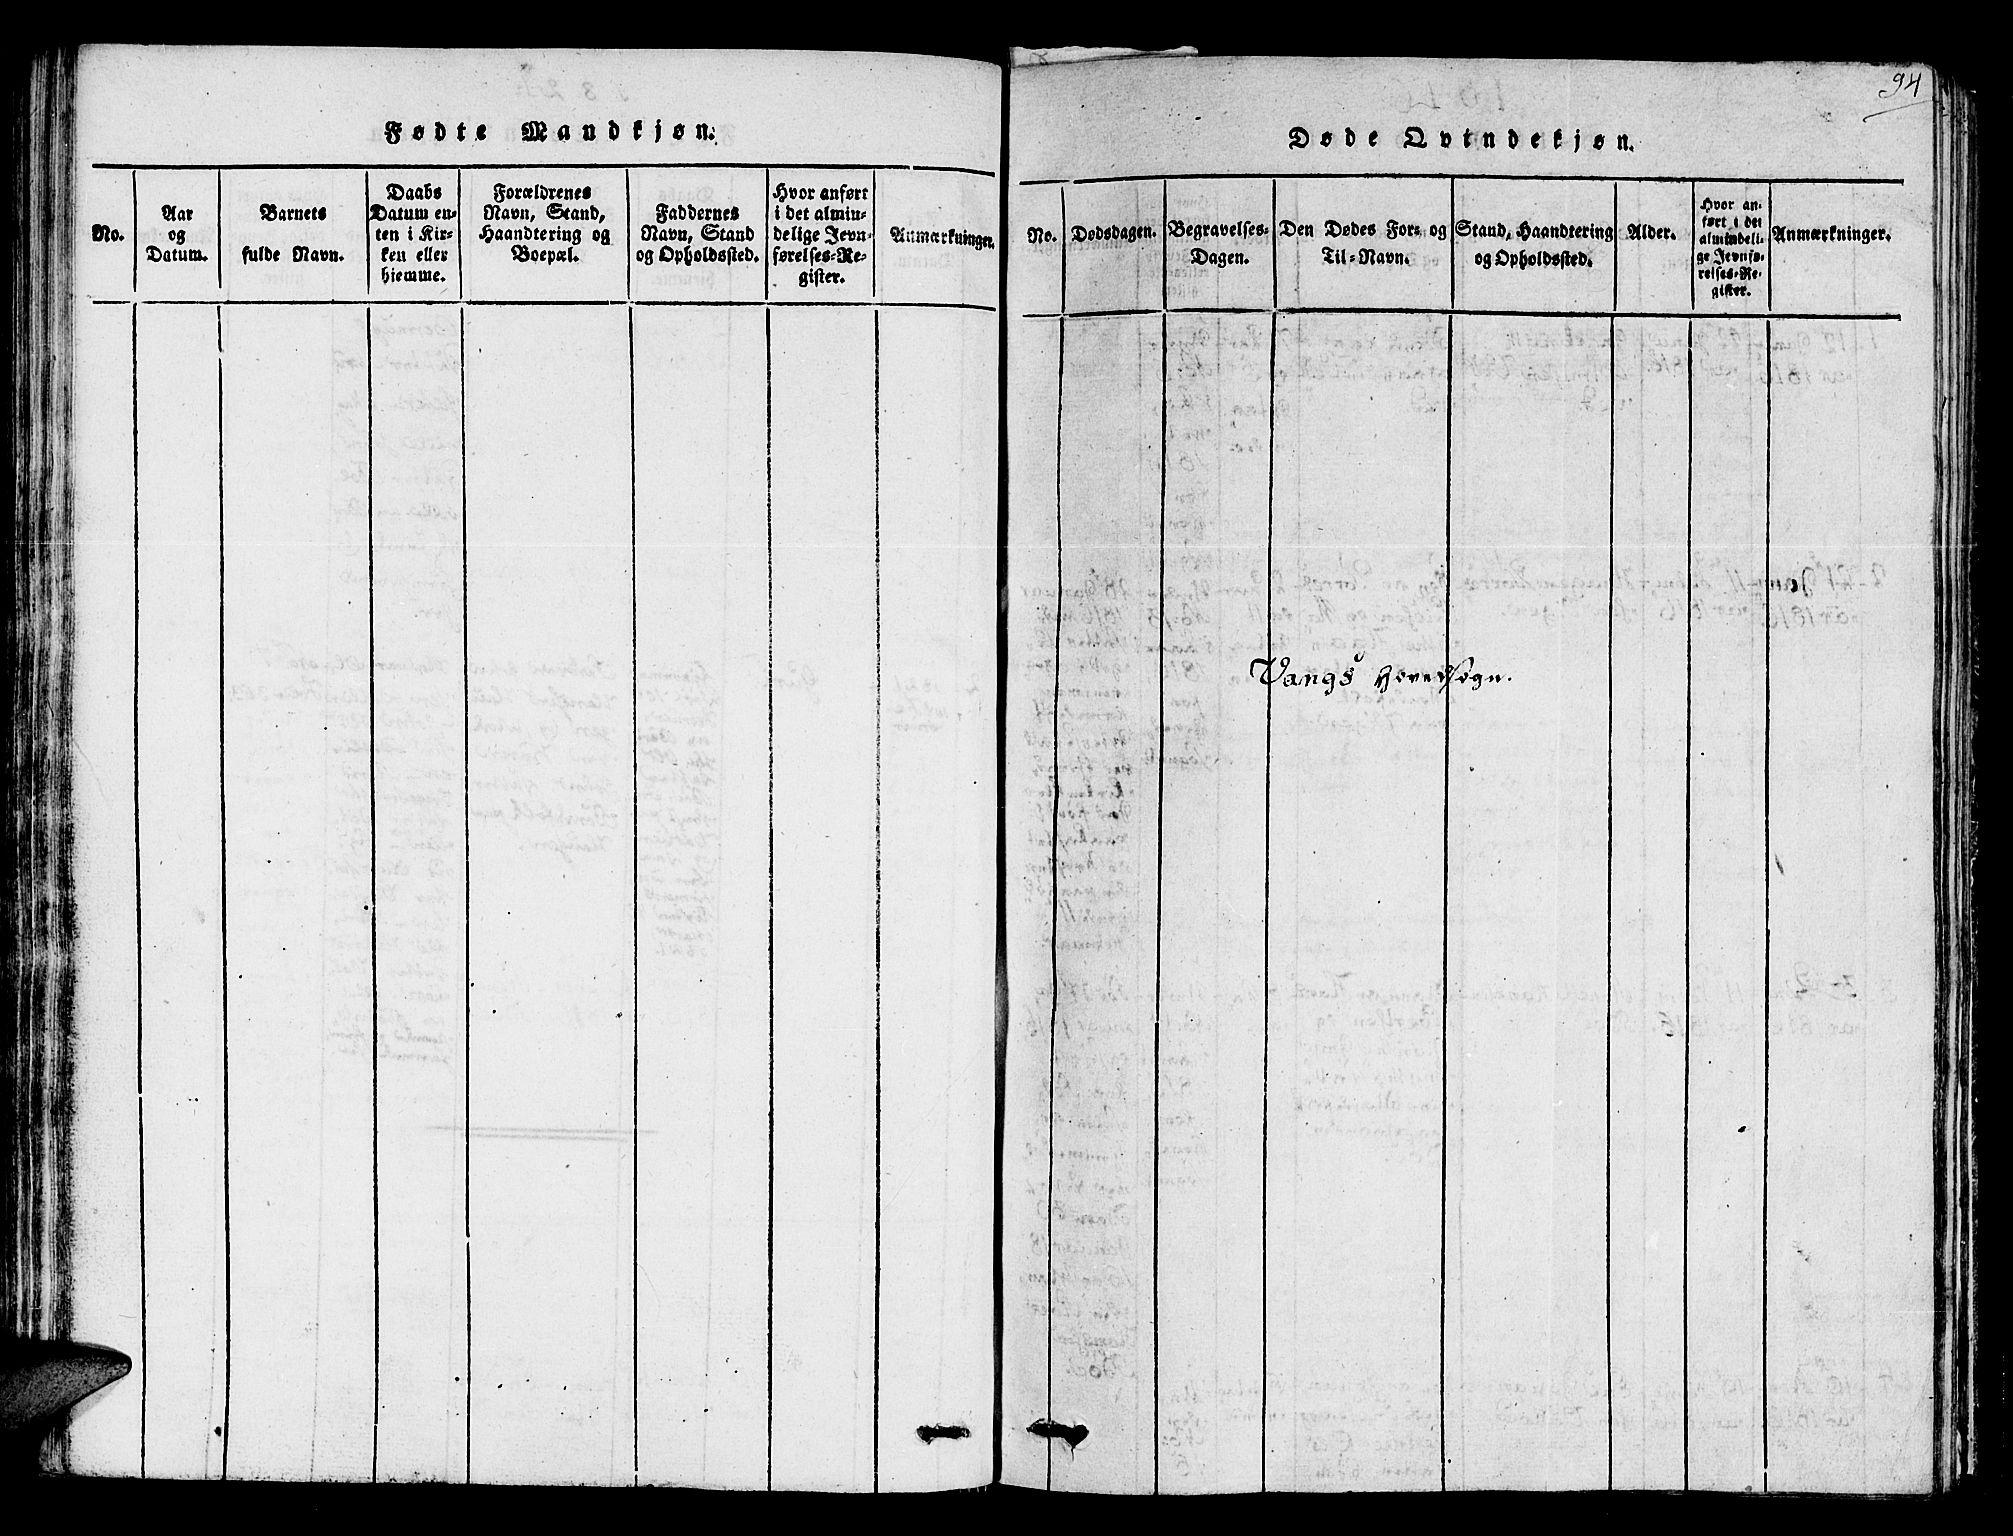 SAT, Ministerialprotokoller, klokkerbøker og fødselsregistre - Sør-Trøndelag, 678/L0895: Ministerialbok nr. 678A05 /1, 1816-1821, s. 94